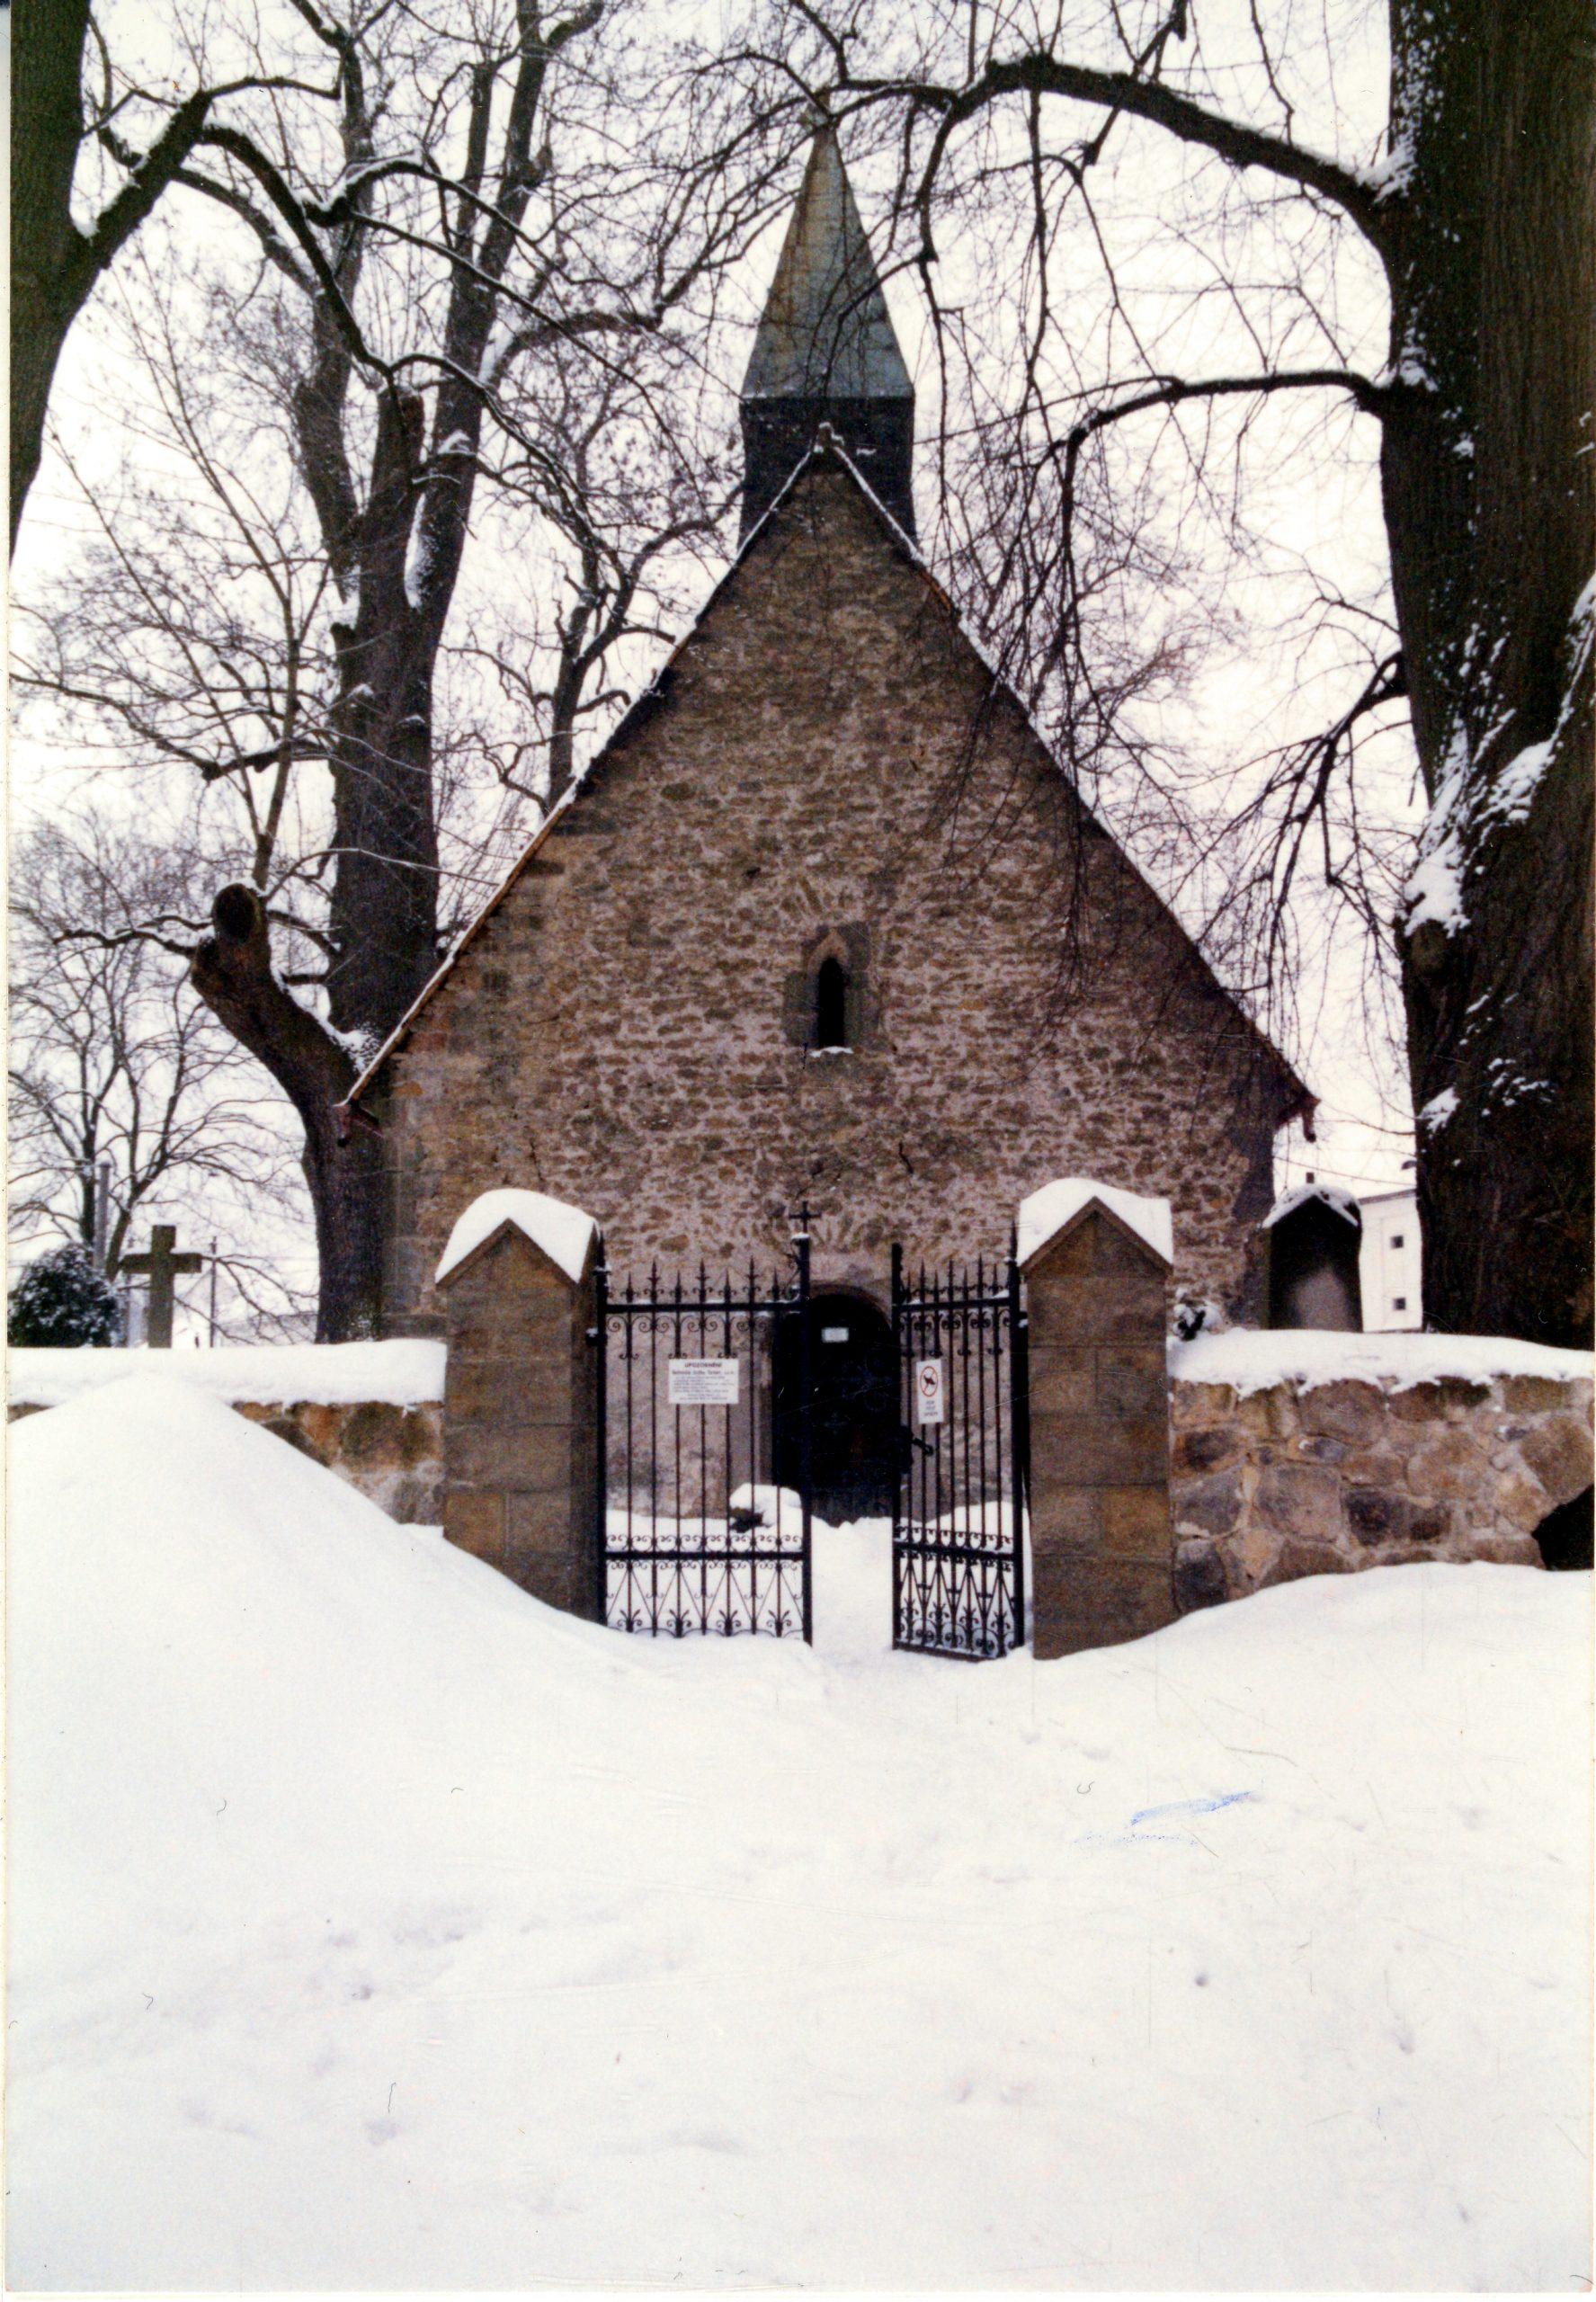 Kostel sv. Jana Křtitele v Turnově – Nudvojovicích na přelomu let 2001 a 2002, naleziště bronzového křížku.